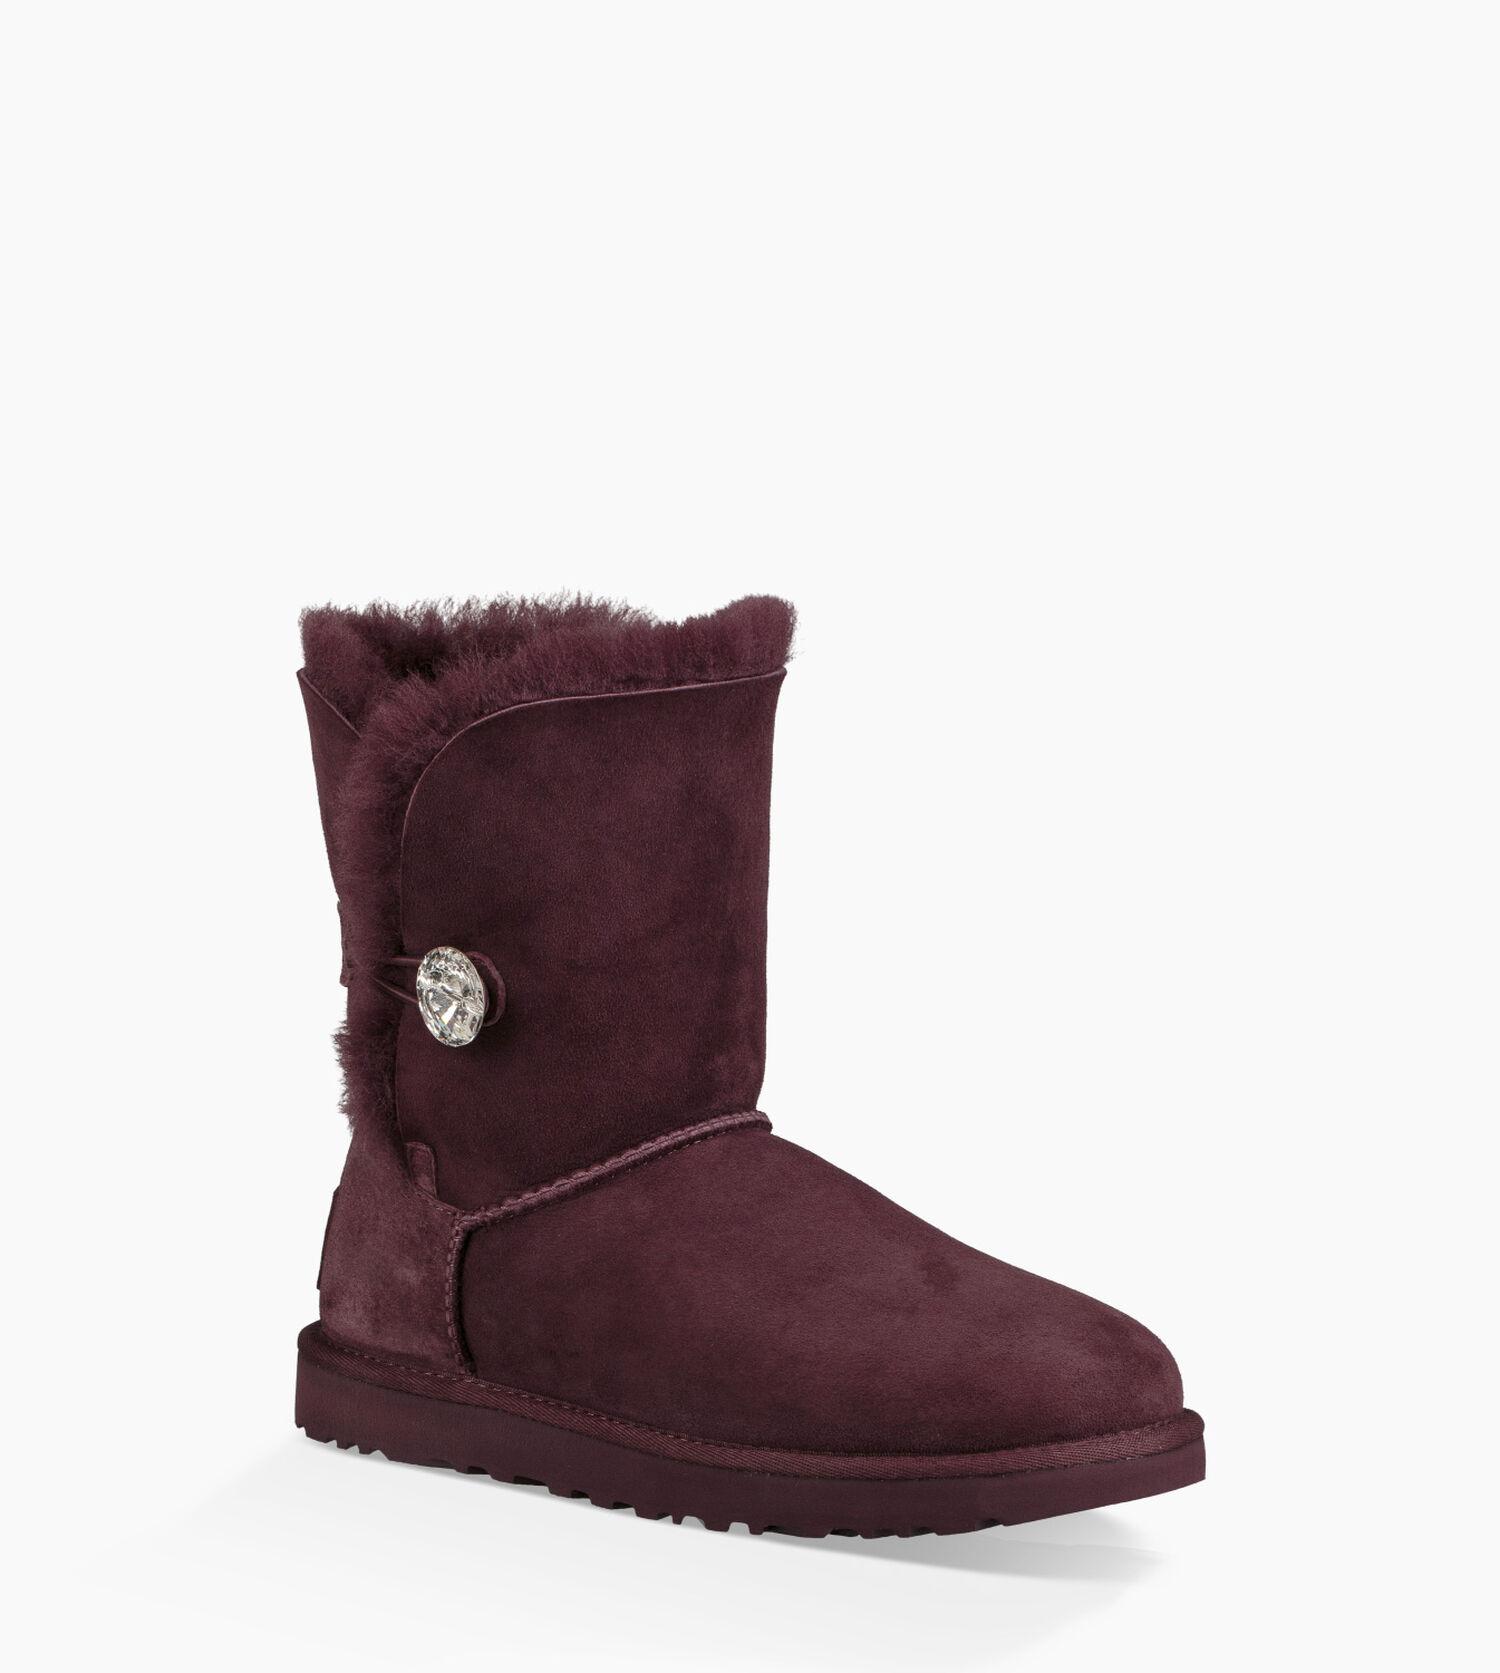 dbd255e90d3 ugg boots womens bailey button 5803 chestnut yogurt